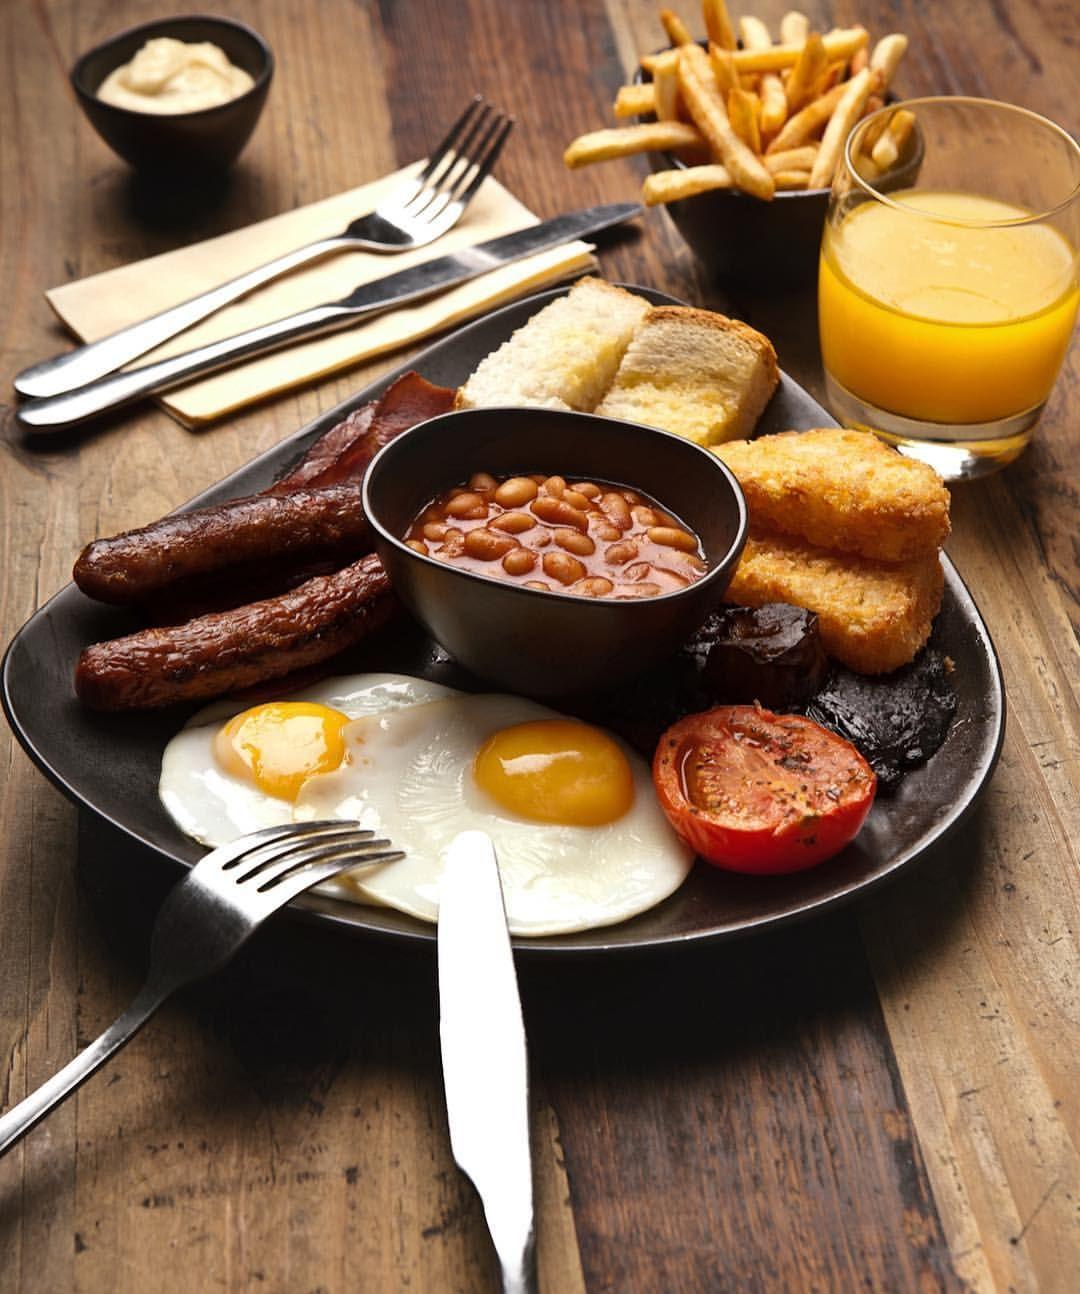 Halal Breakfast In London In 2020 Halal Breakfasts Perfect Breakfast Vegetarian Breakfast